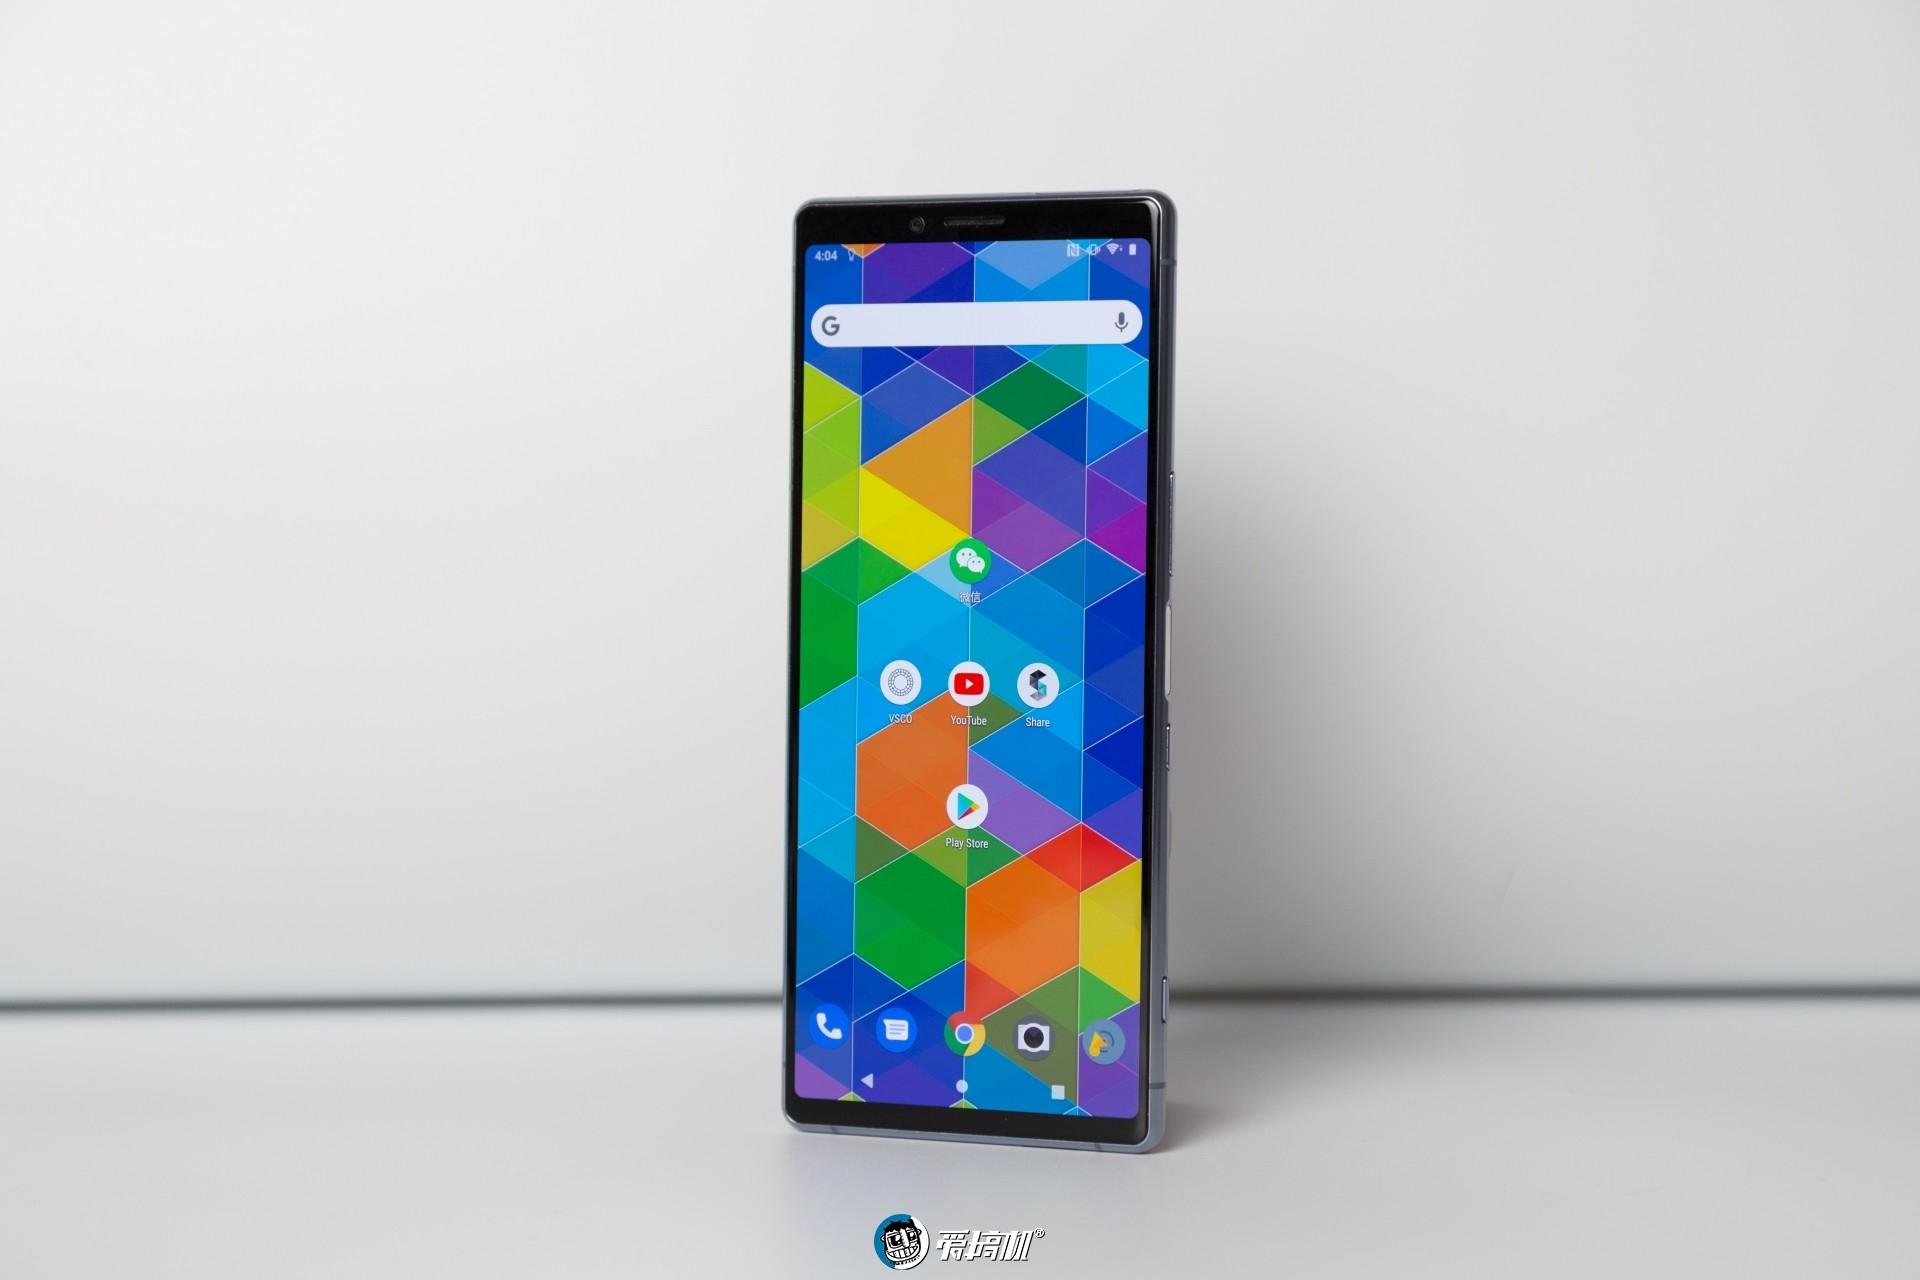 索尼明年推出8款5G手机,Xperia0是超高端旗舰,后置六摄